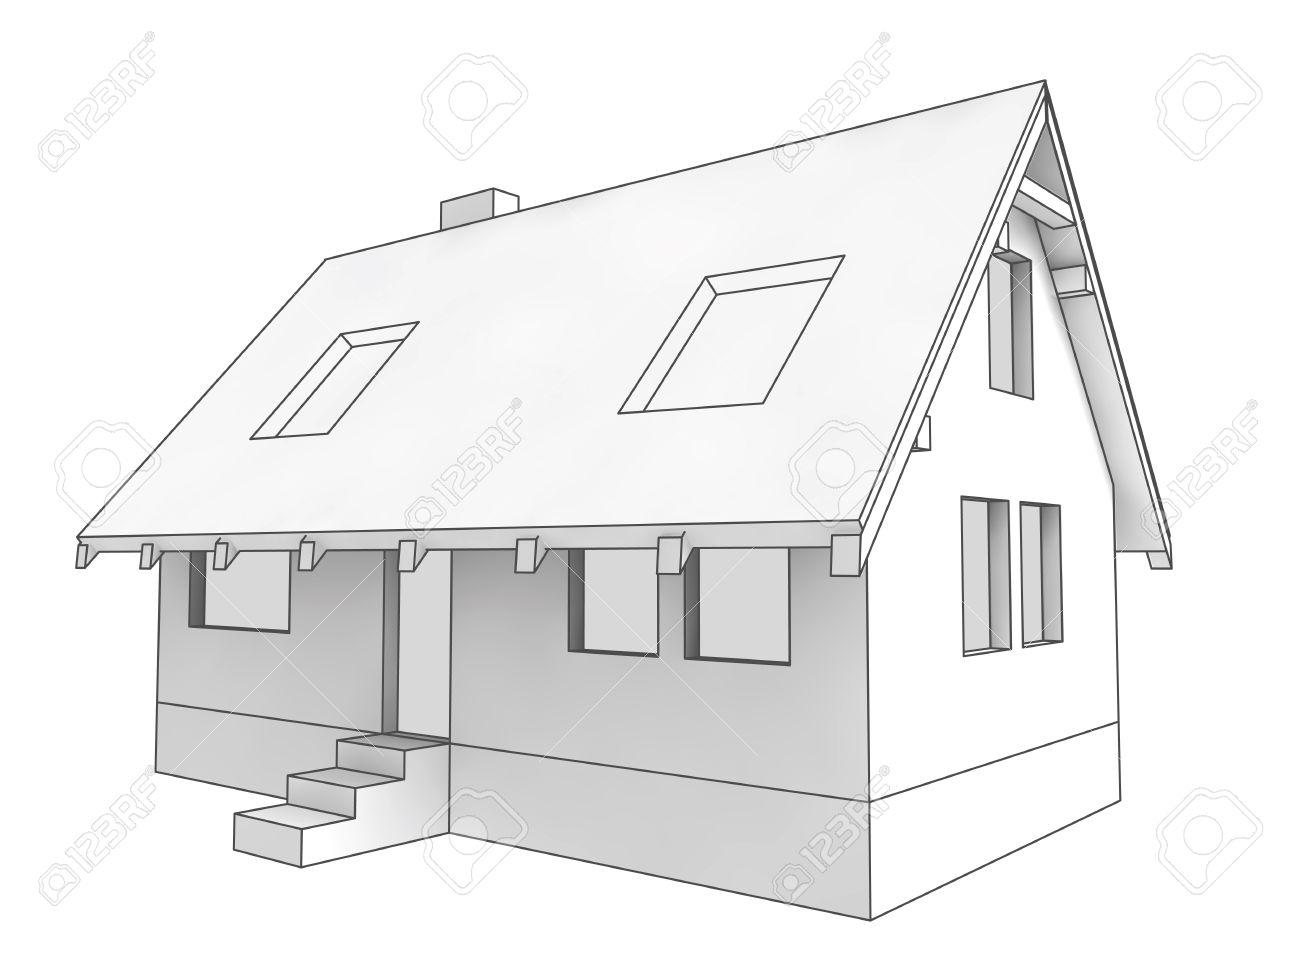 Diagram Of A House - Merzie.net